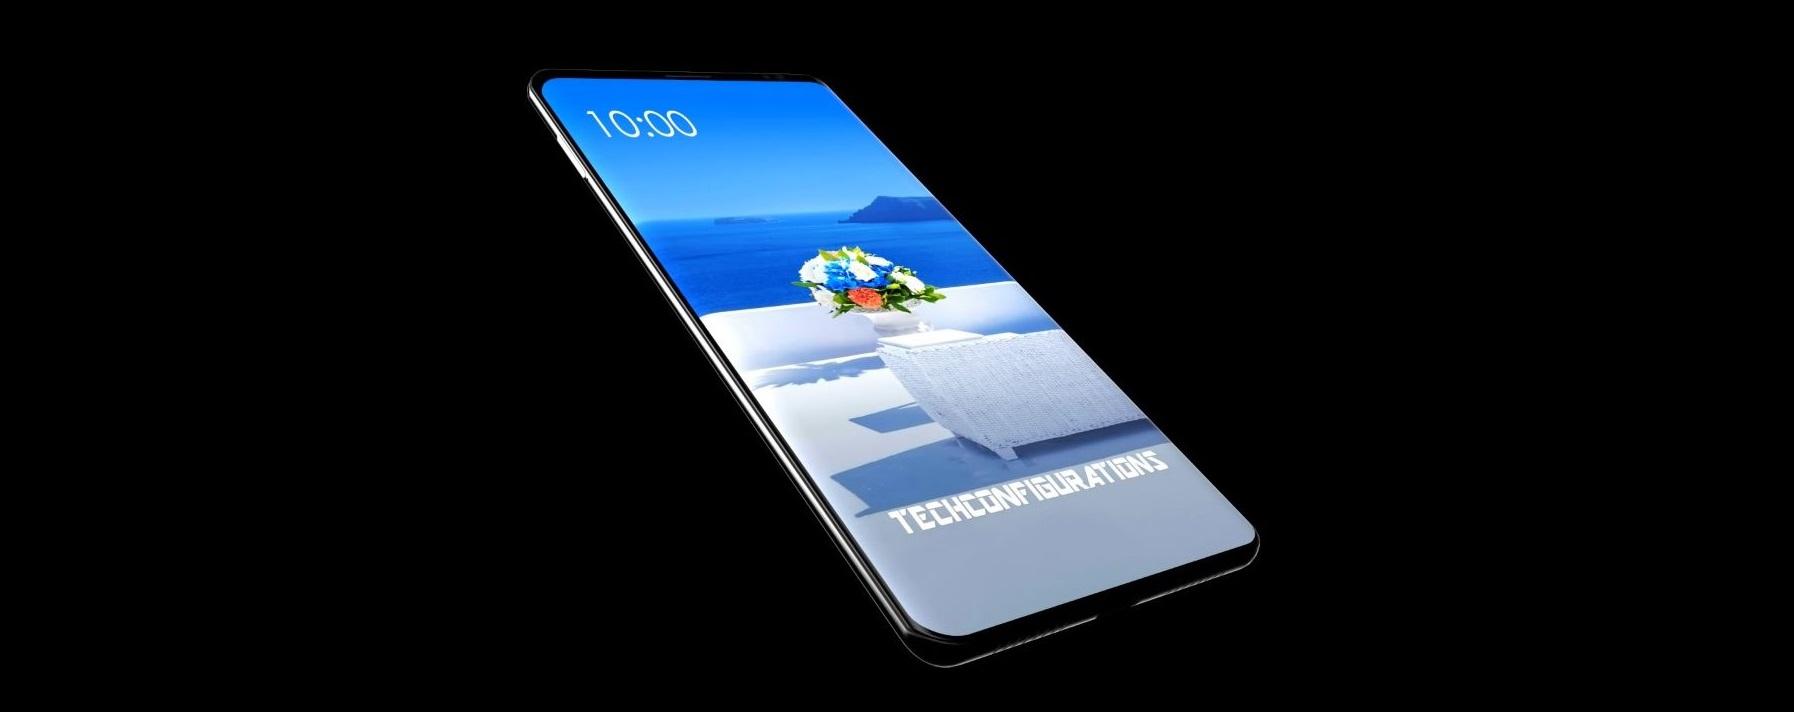 با نزدیک شدن به معرفی Huawei Mate 10 قیمت Mate 9 کاهش یافت